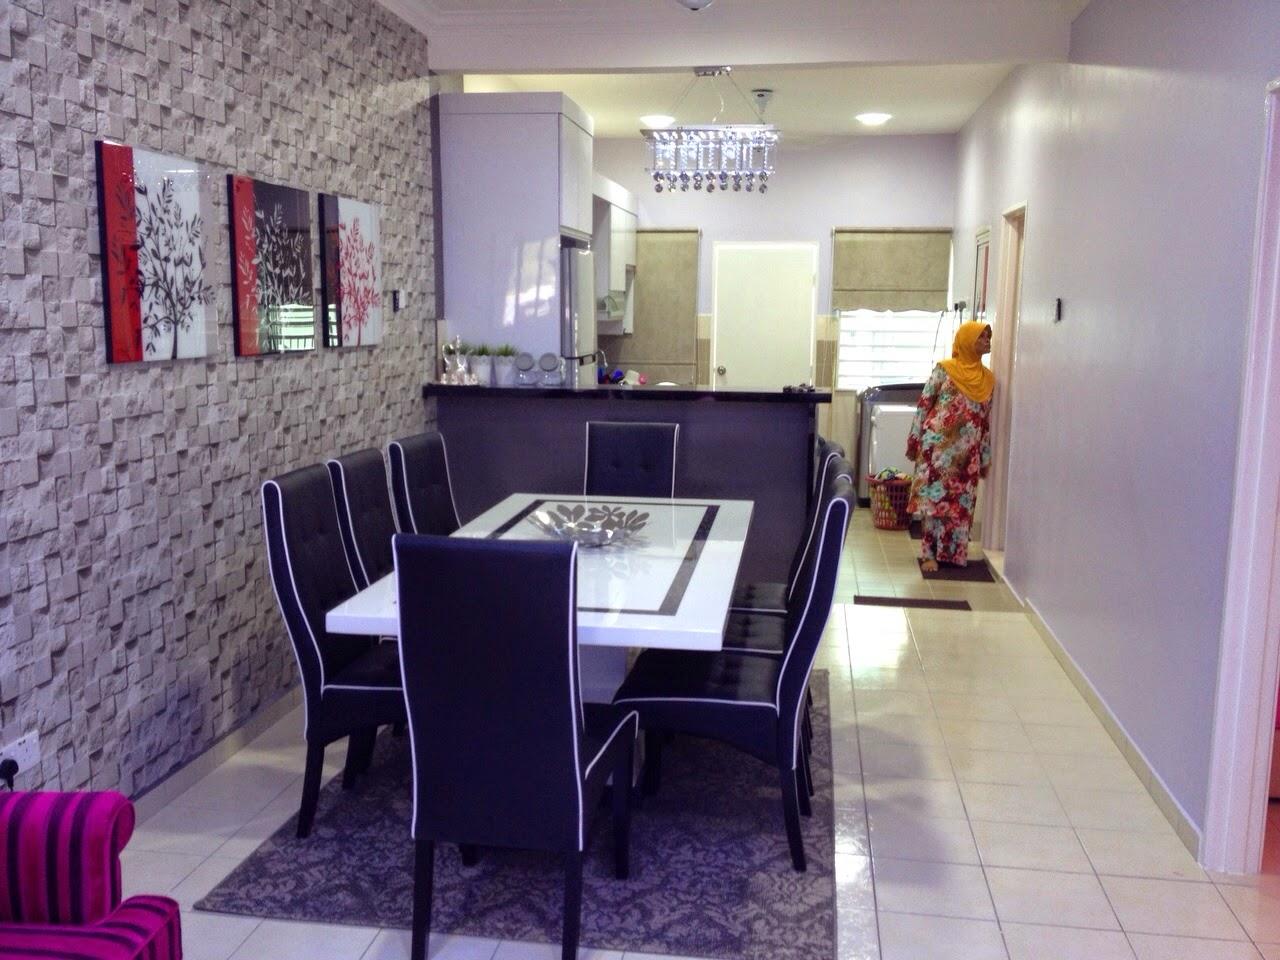 Ini Ruang Makan Ni Menggunakan Wallpaper Bercorak Bricks Dihiasi Dengan Bingkai Gambar Kombinasi Merah Hitam Dan Putih